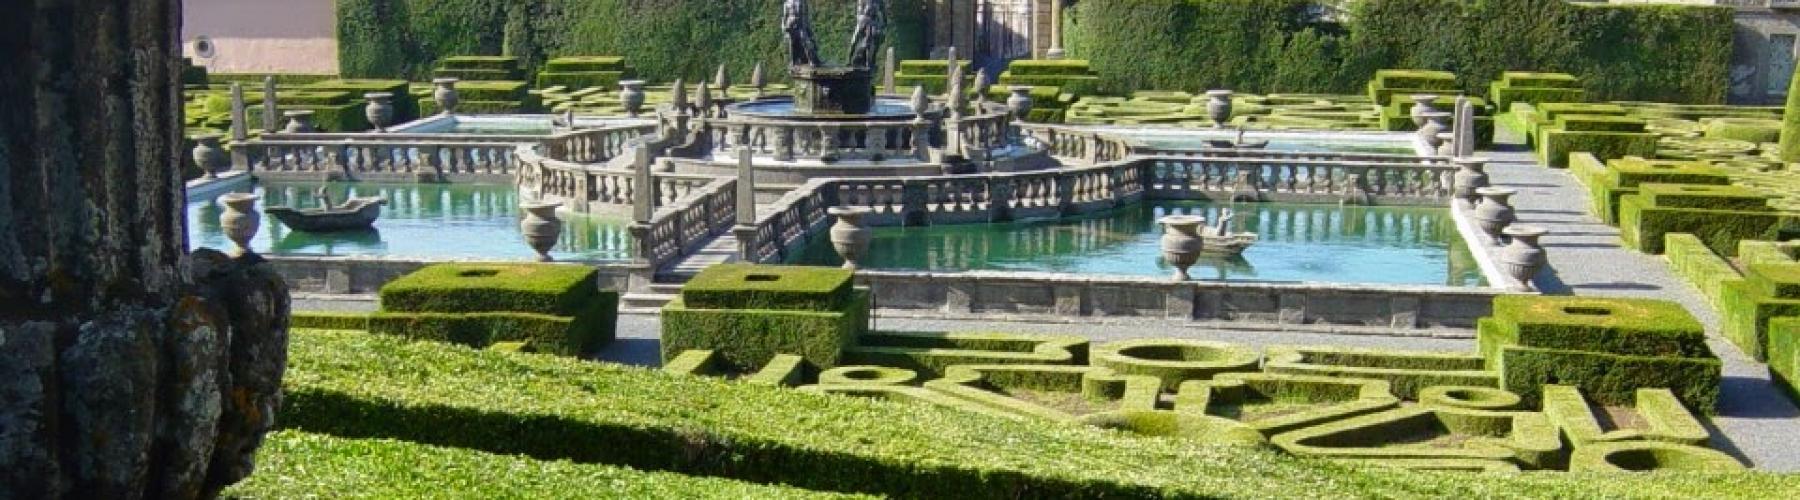 Copertina Villa Lante Bagnaia